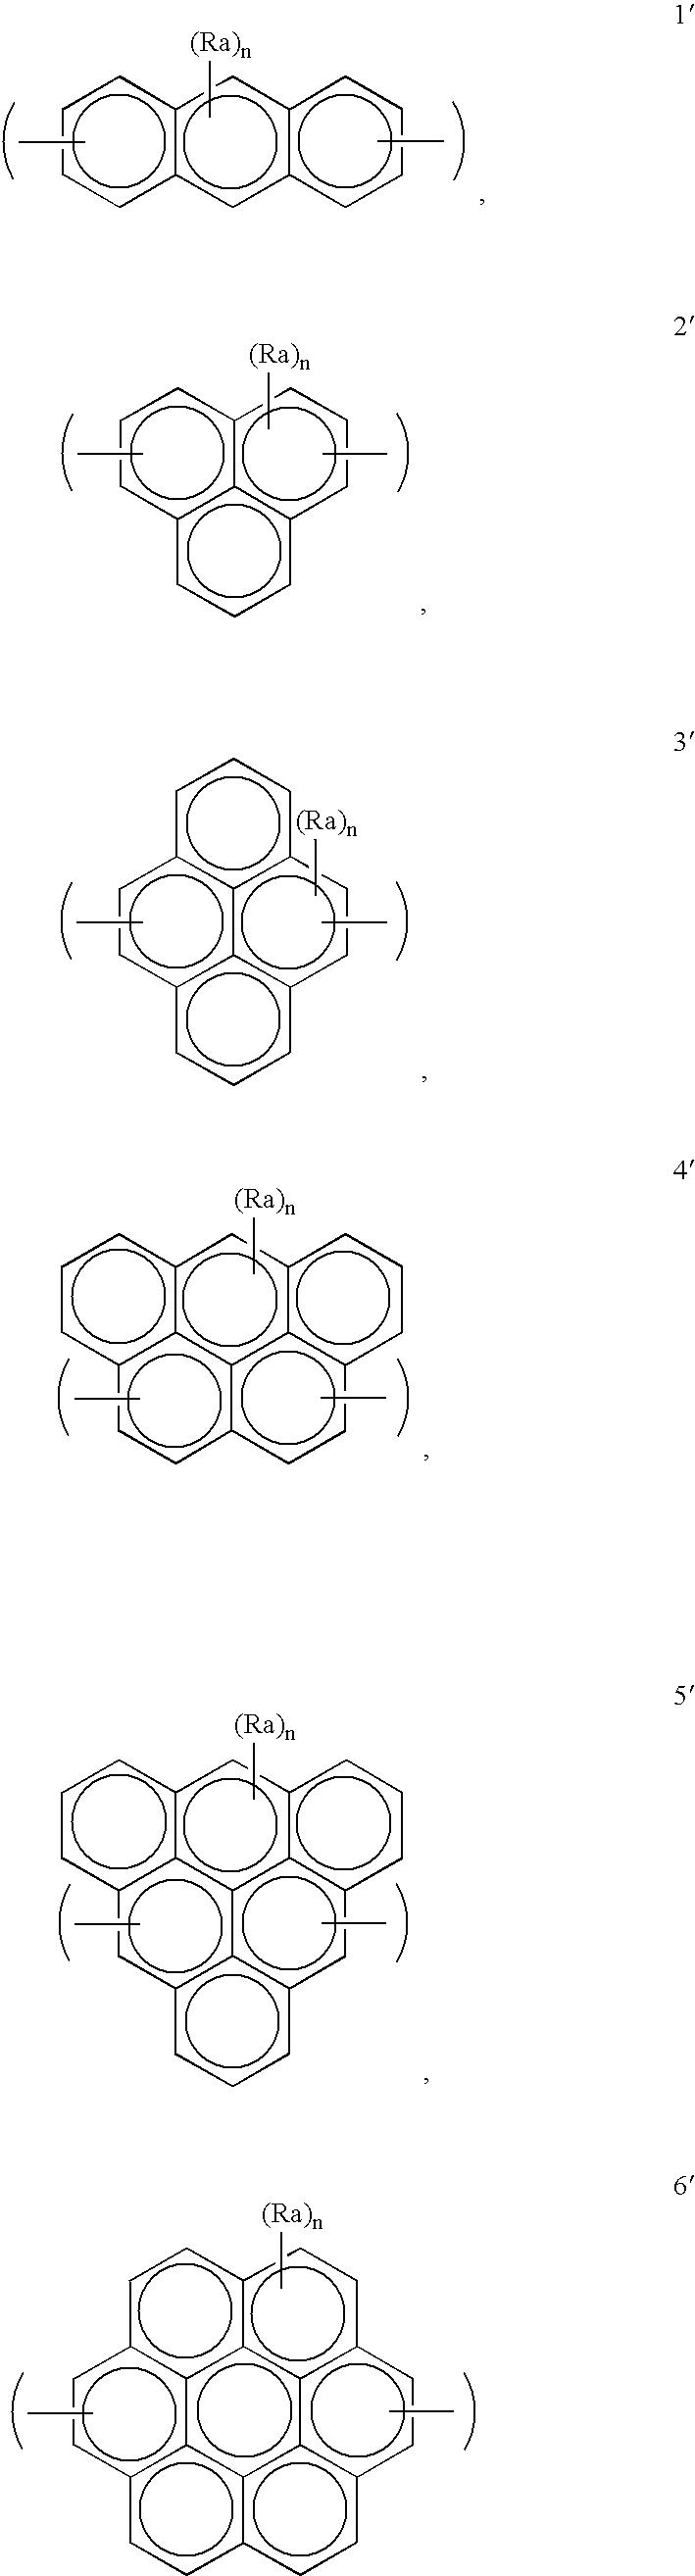 Figure US20100040838A1-20100218-C00004